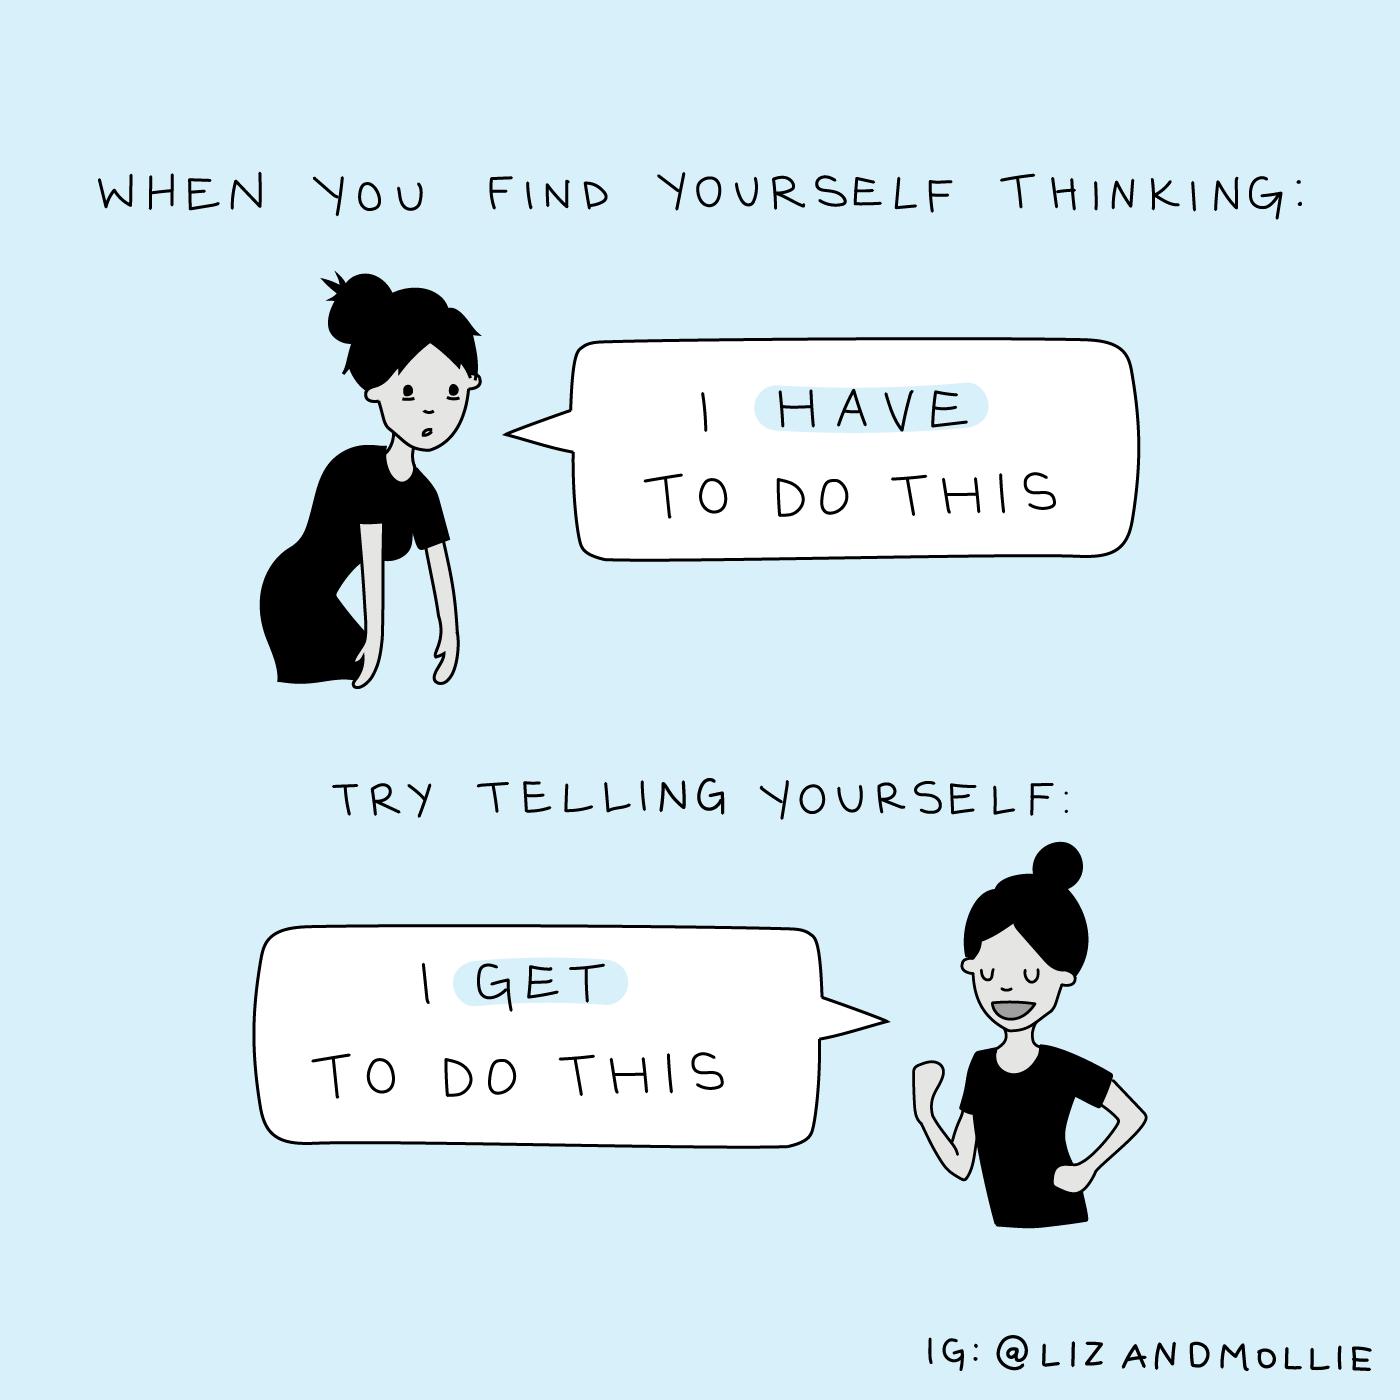 [Image] Change your mindset